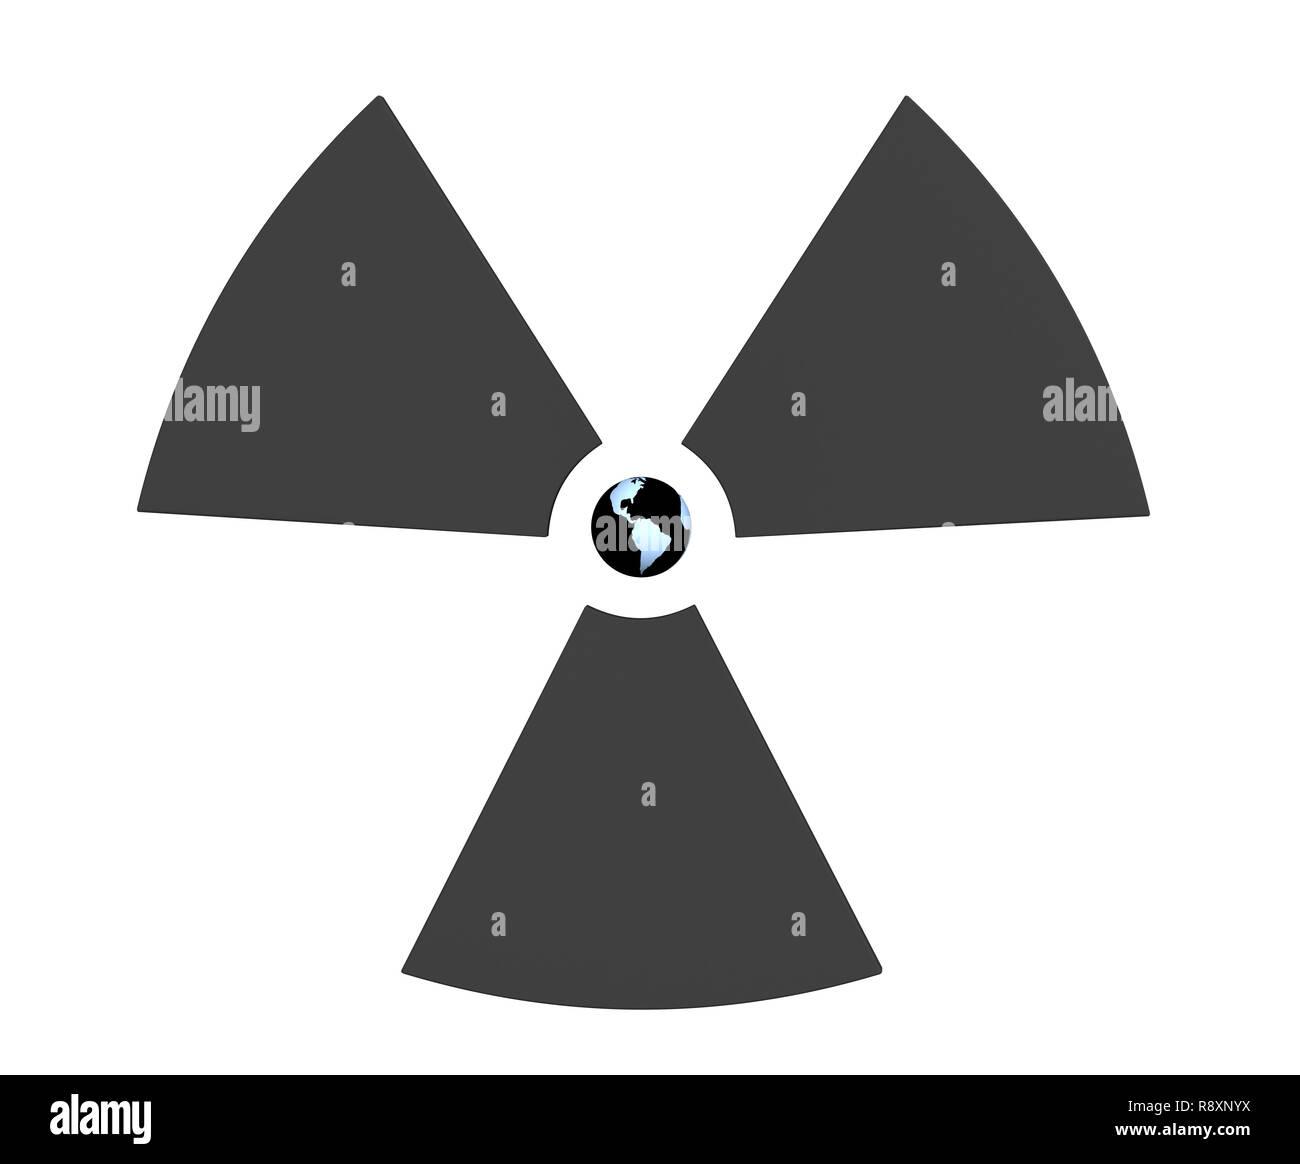 Was ist der Zweck von radioaktiven Dating-Objekten